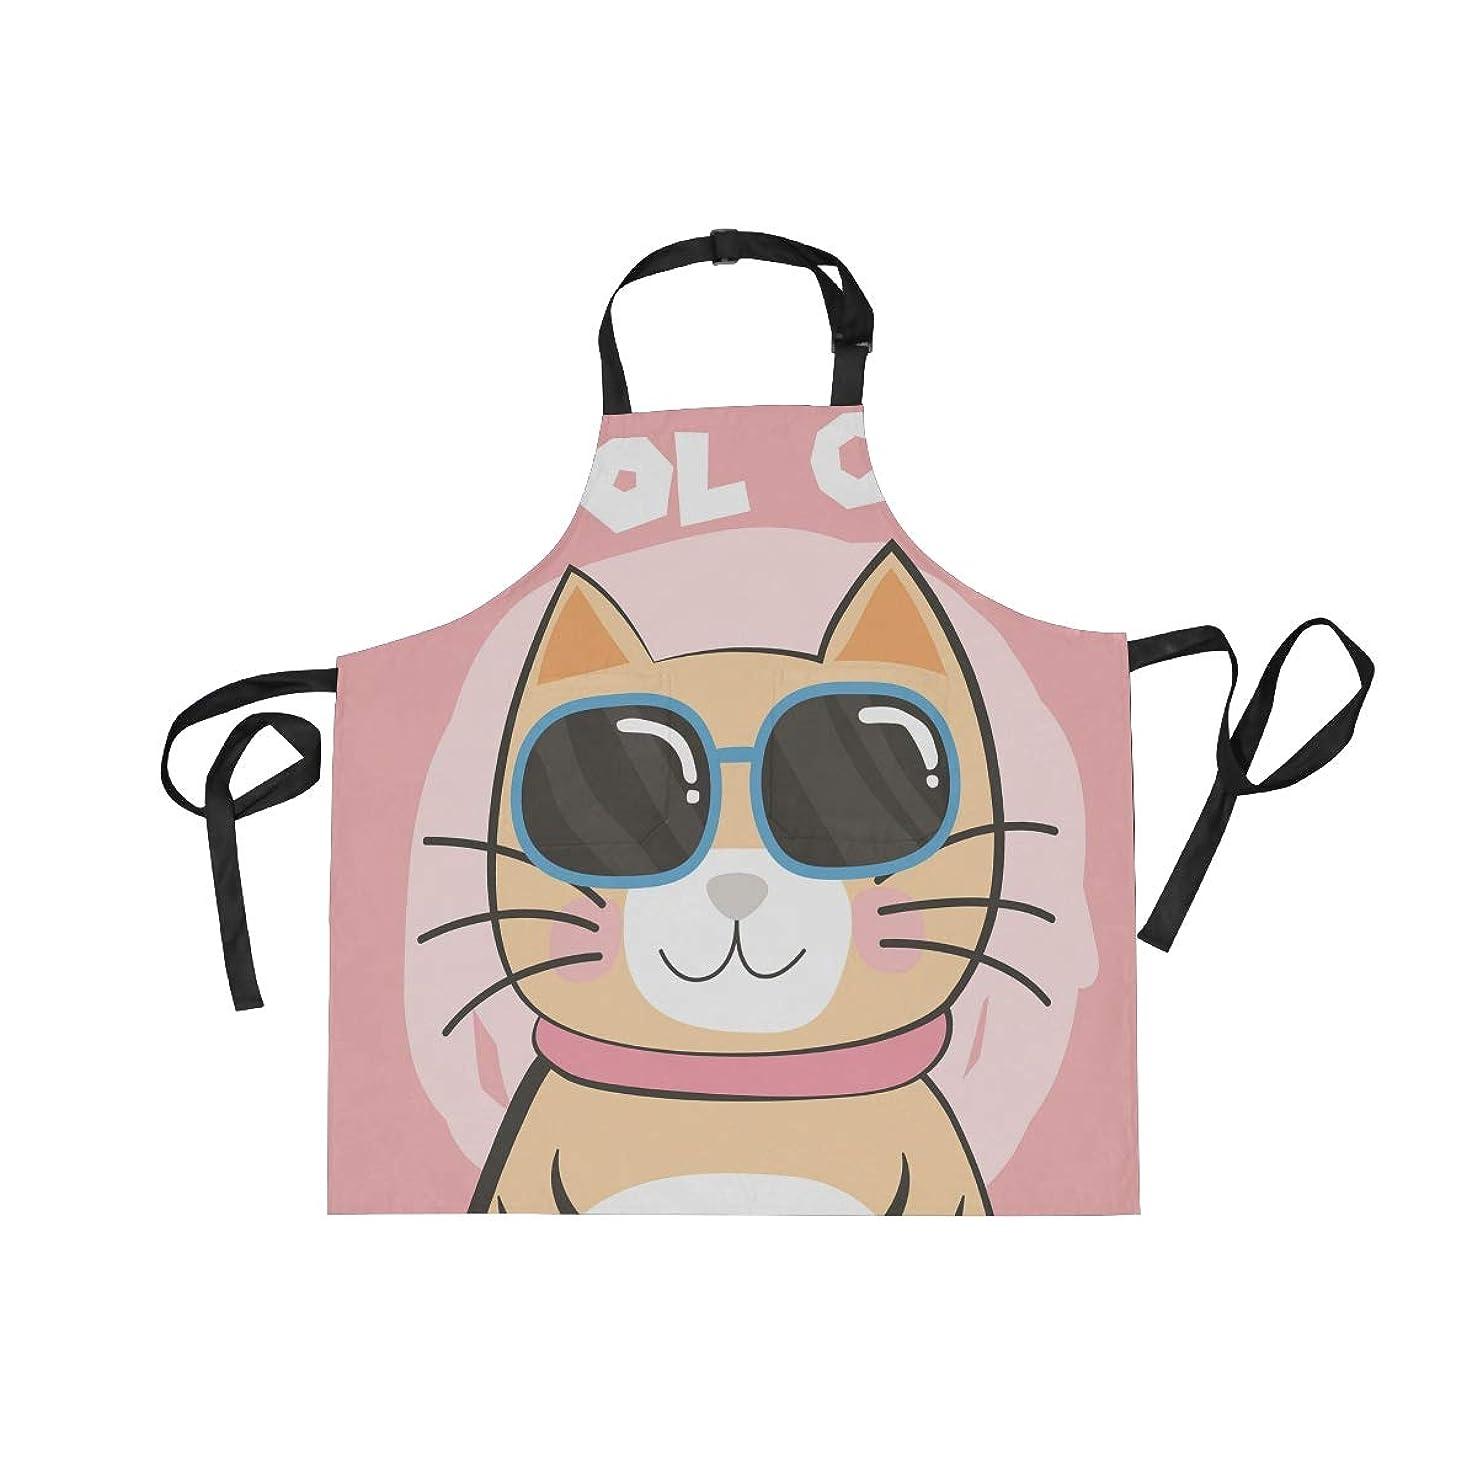 ショート反対に維持Chovy エプロン 女性用 H型 おしゃれ キッチンエプロン メンズ 男性用 猫柄 ねこ おもしろ 可愛い ピンク カフェエプロン 仕事用 家庭用 保育士 美容院 男女共用 作業 動きやすい 前掛け ポケット付き